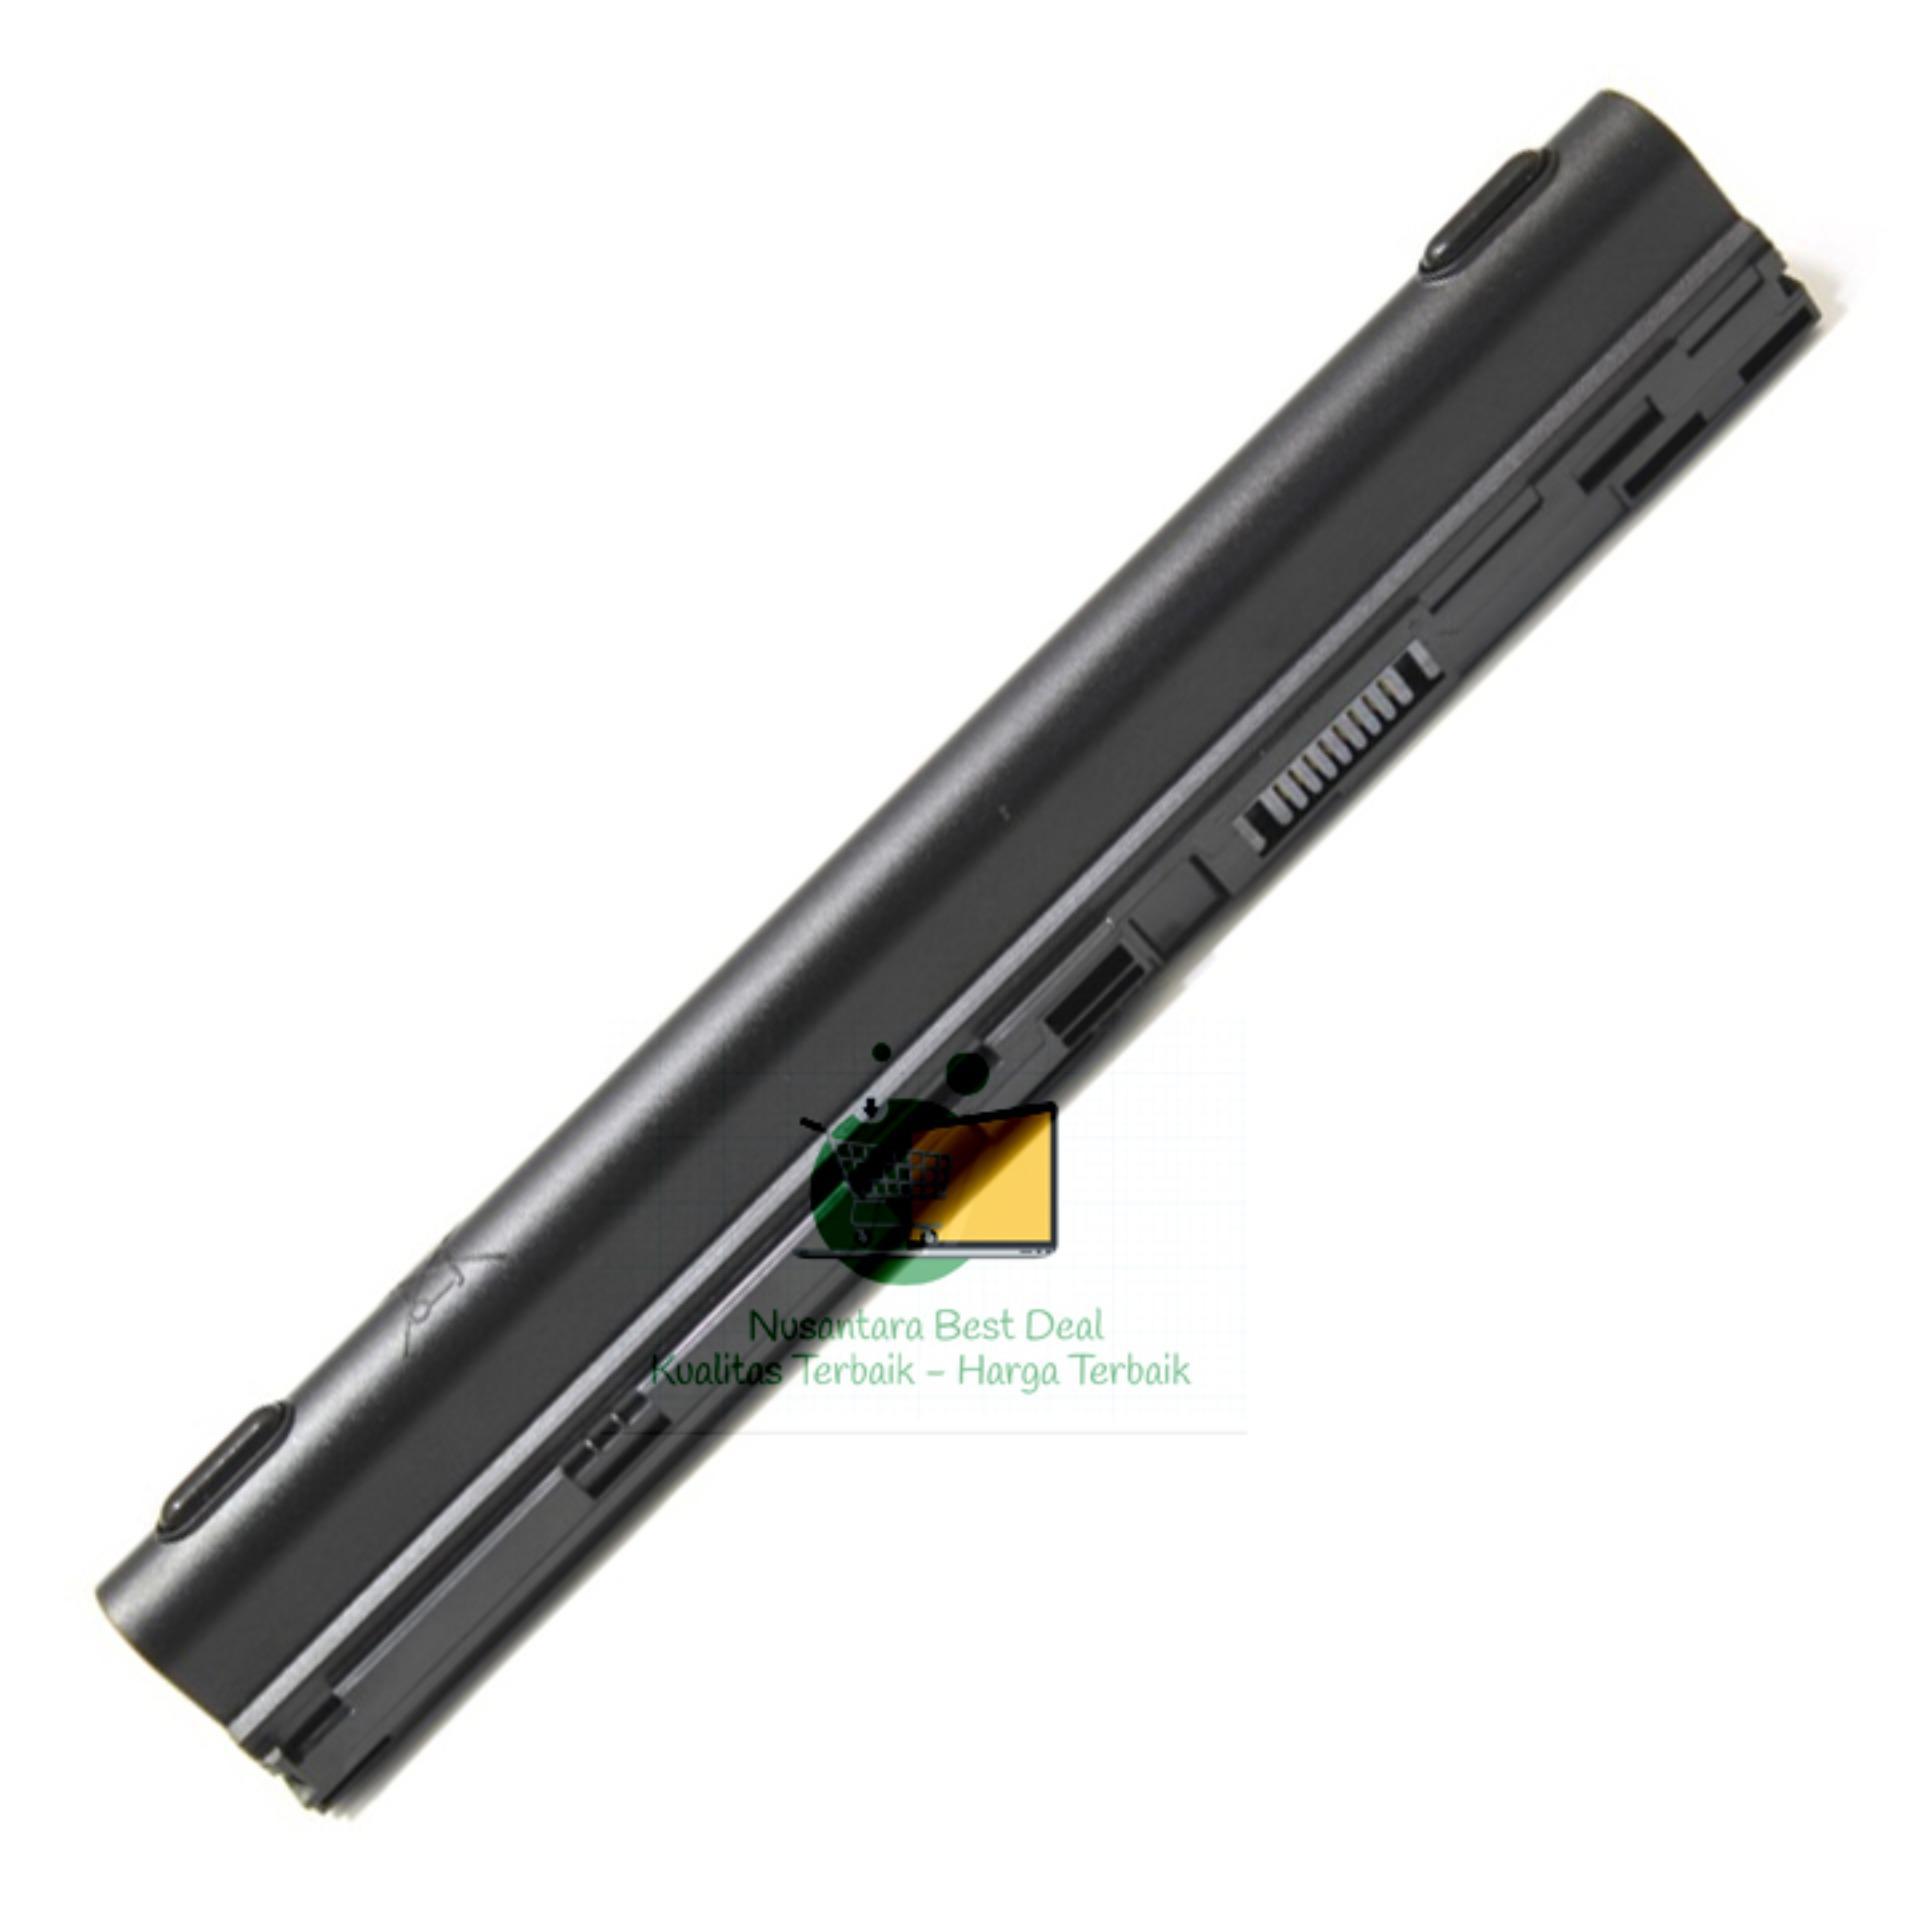 Daftar Harga Batre Laptop Acer Aspire V5 Baterai Original One 725 756 Ao725 Ao756 Travelmatet B Chrome C7 Ori